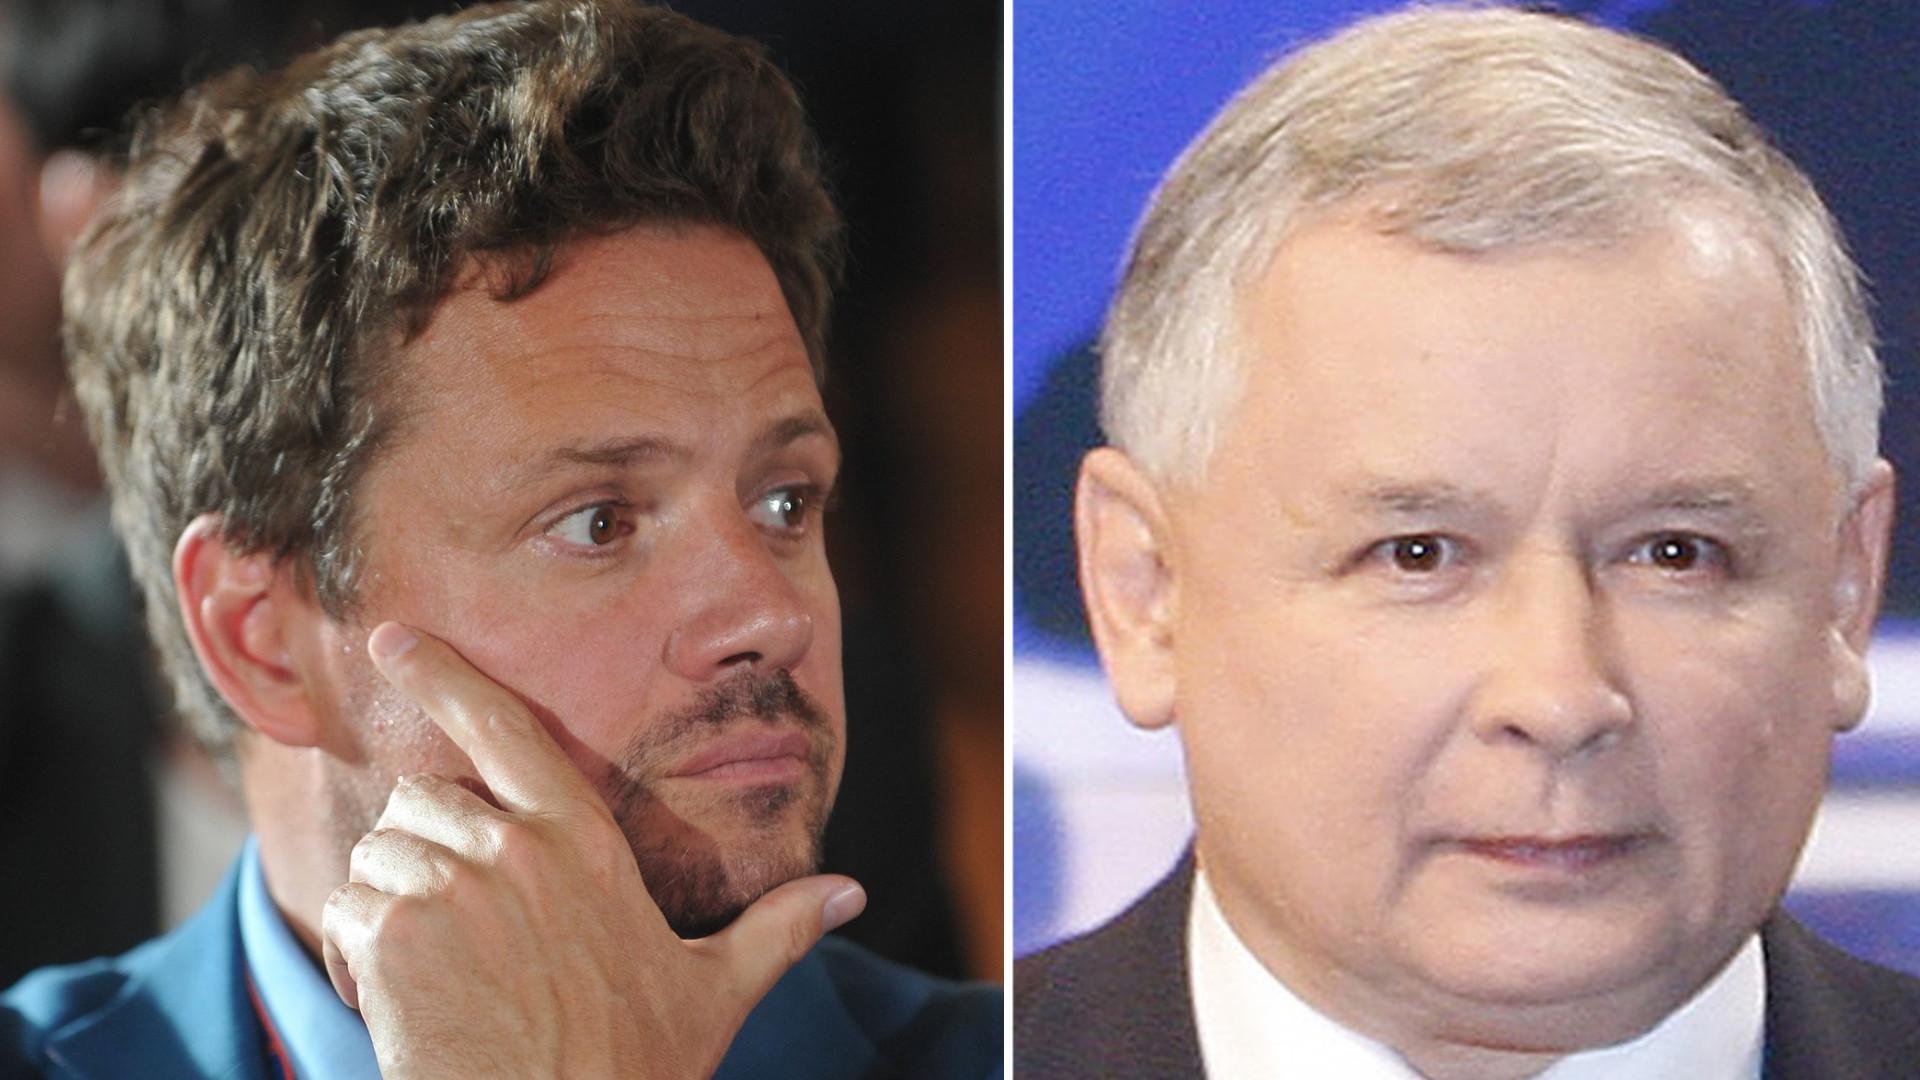 Wzrost Rafała Trzaskowskiego zaskoczył wyborców. Polityk zażartował z TVP, które odjęło mu 10 cm